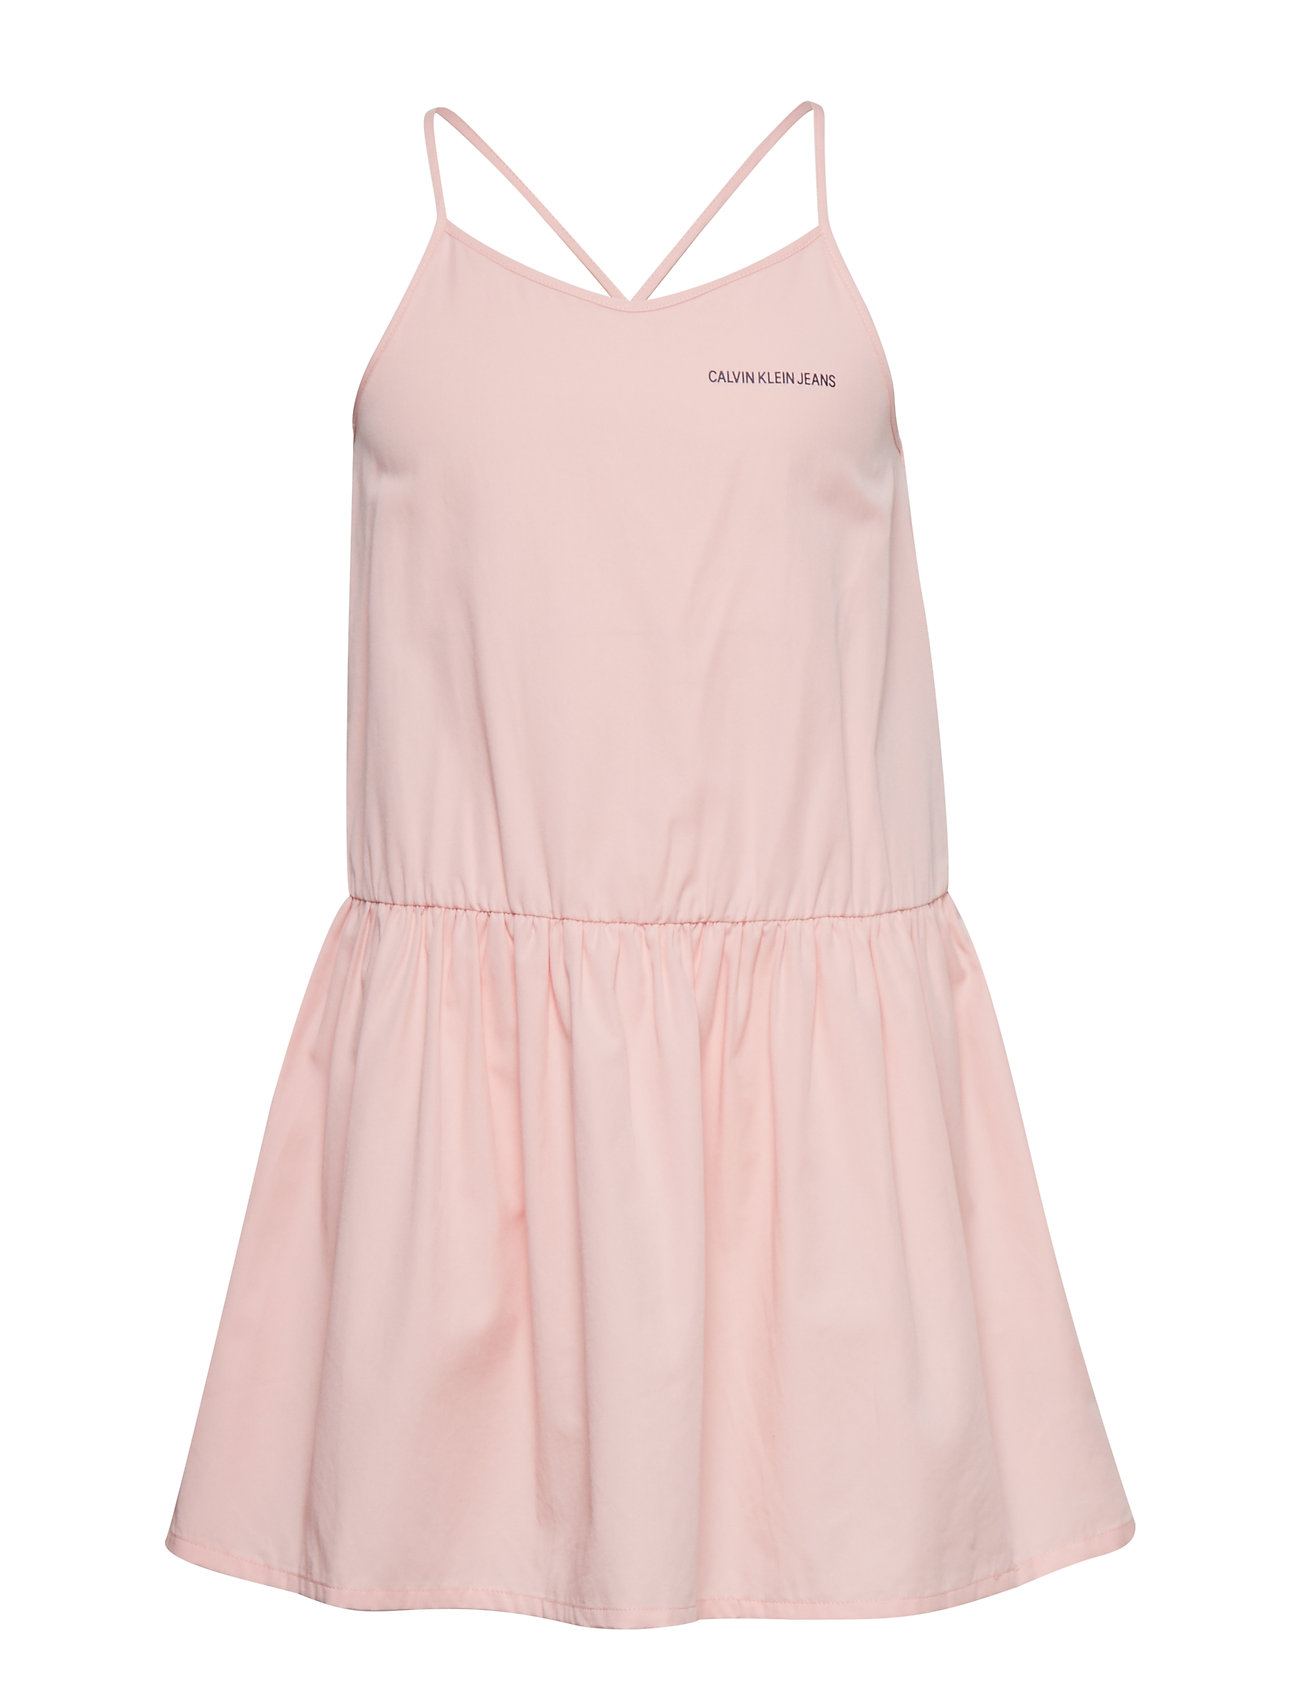 Calvin Klein EASY SLIP ON DRESS - BLOSSOM